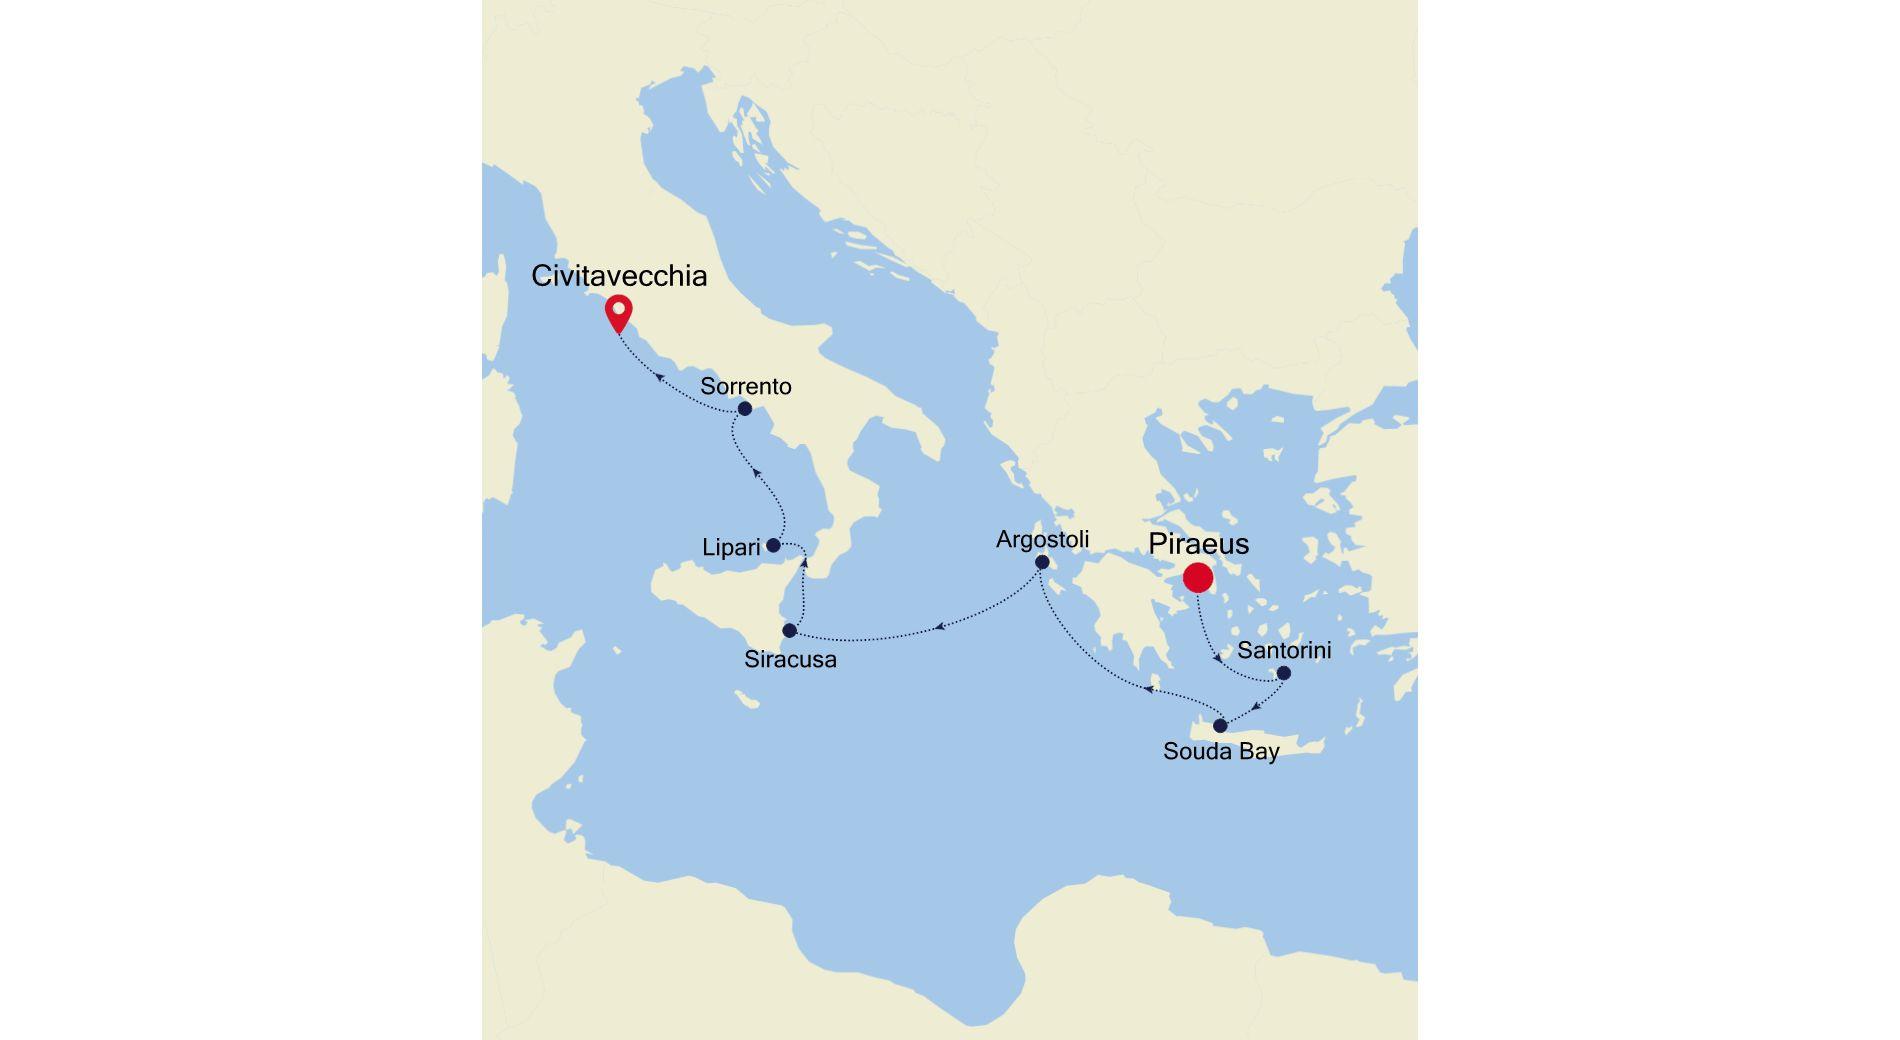 MO210517007 - Piraeus à Civitavecchia